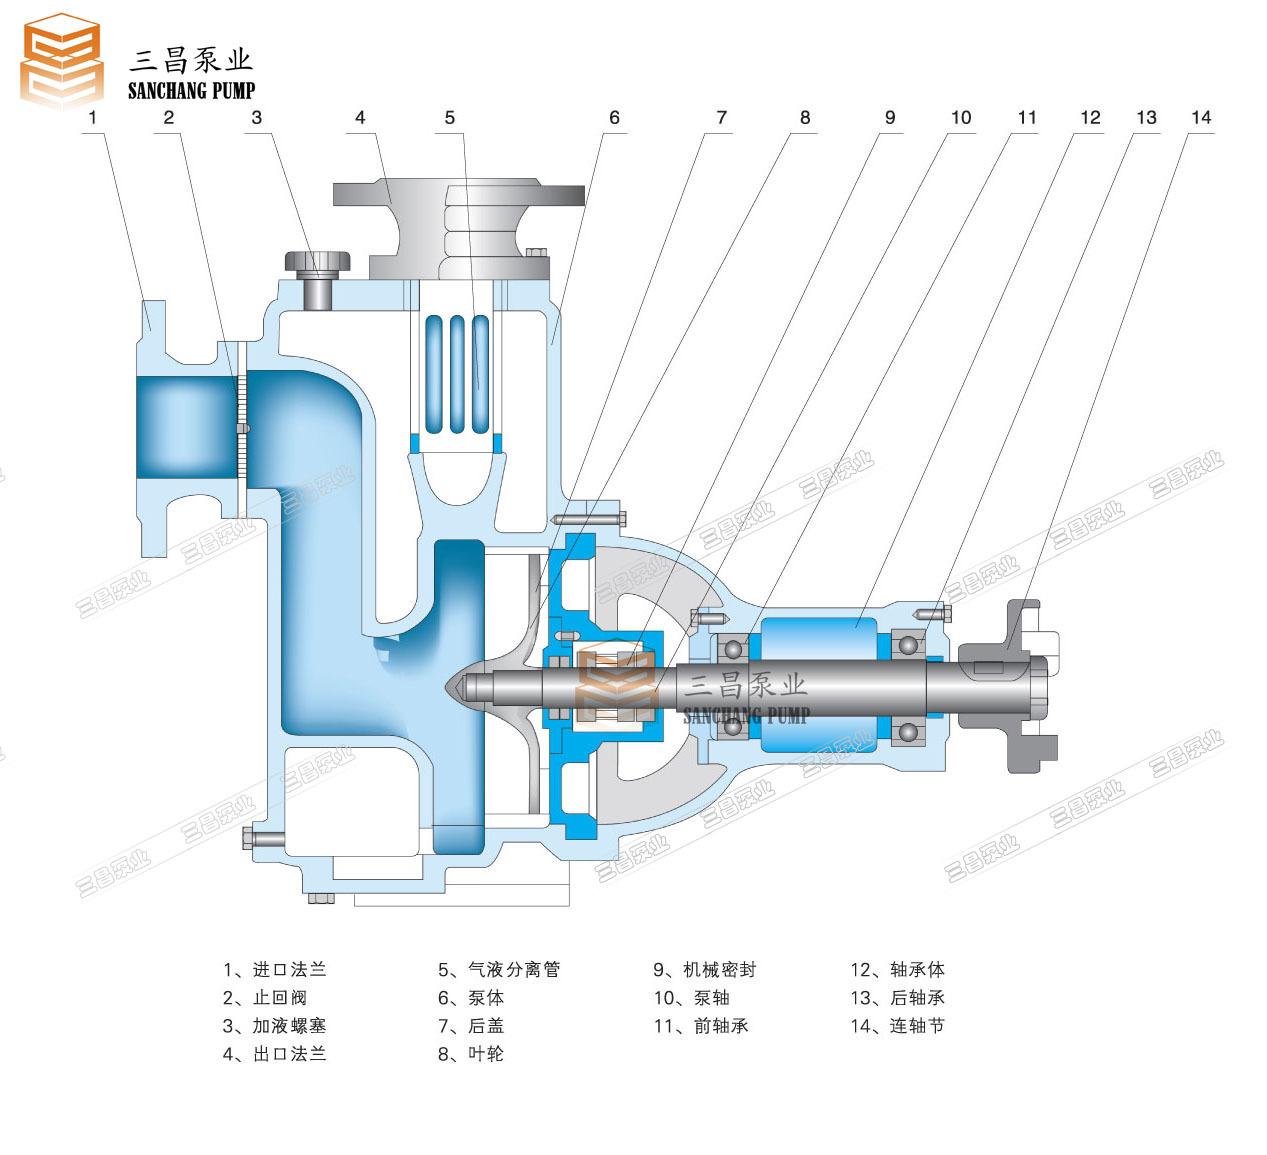 自吸泵的结构类型很多,其中,真空泵液下泵计量泵齿轮泵耐腐蚀泵耐酸